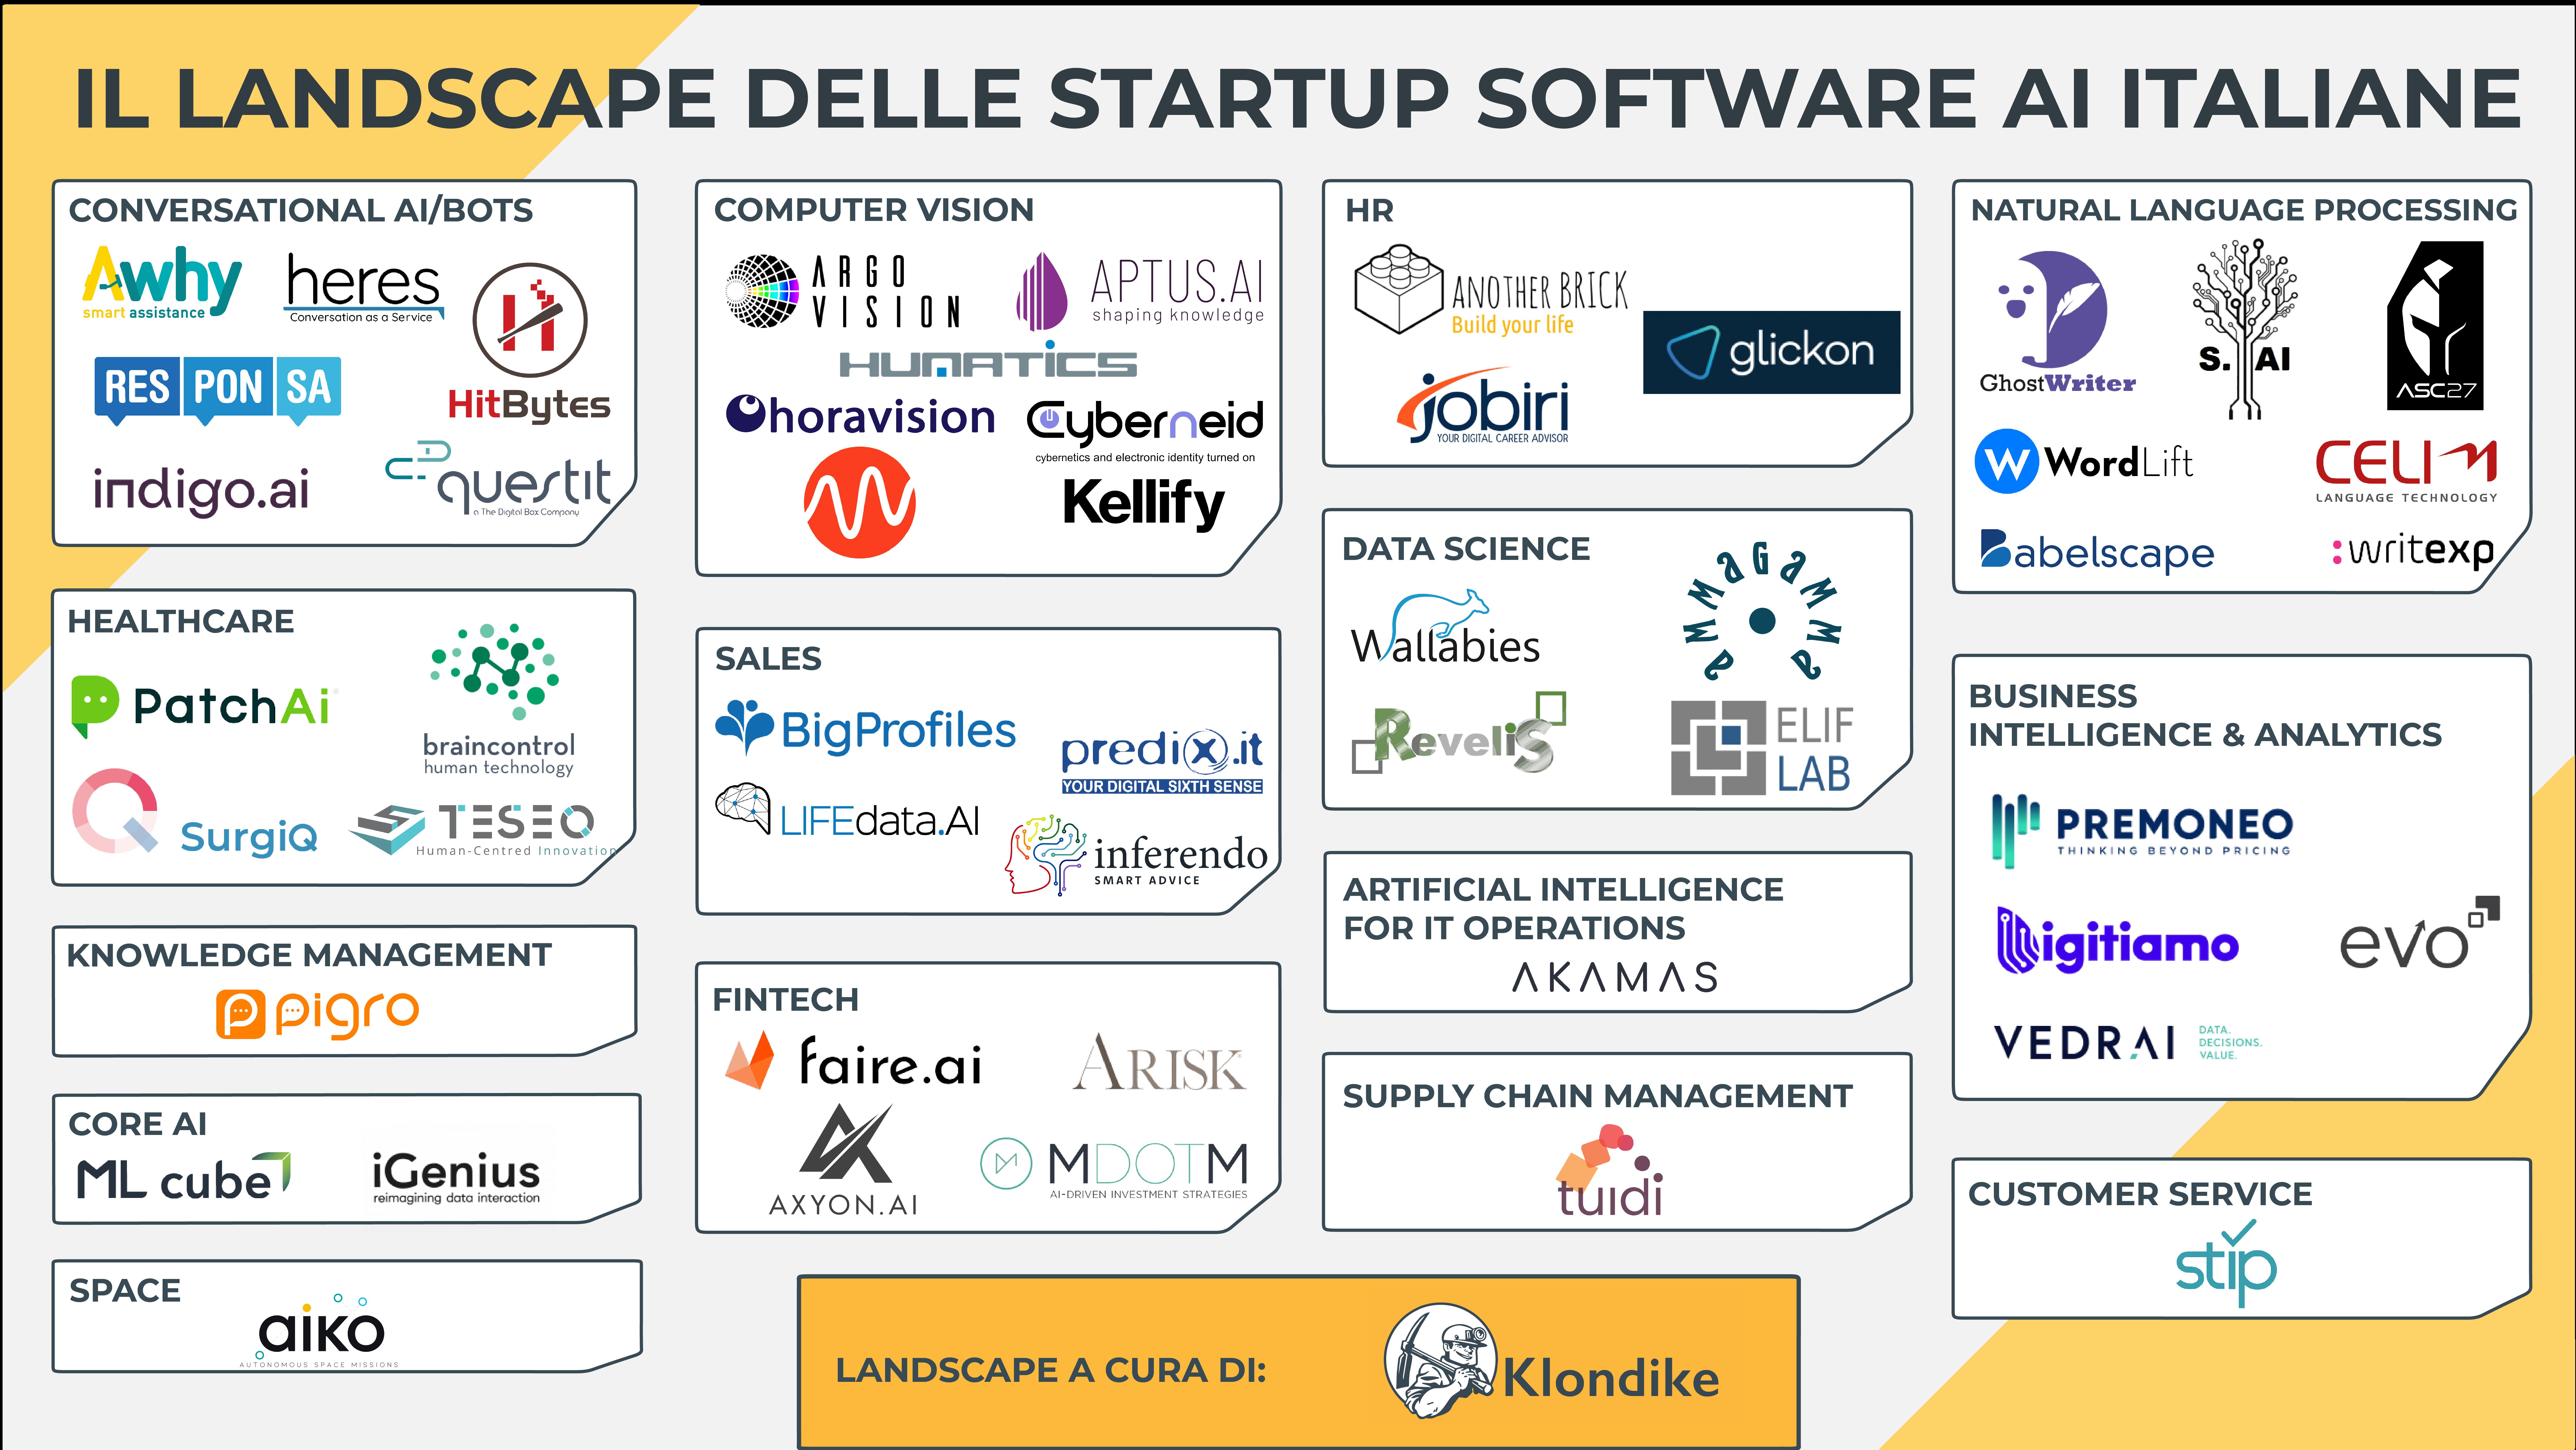 Il landscape delle startup AI